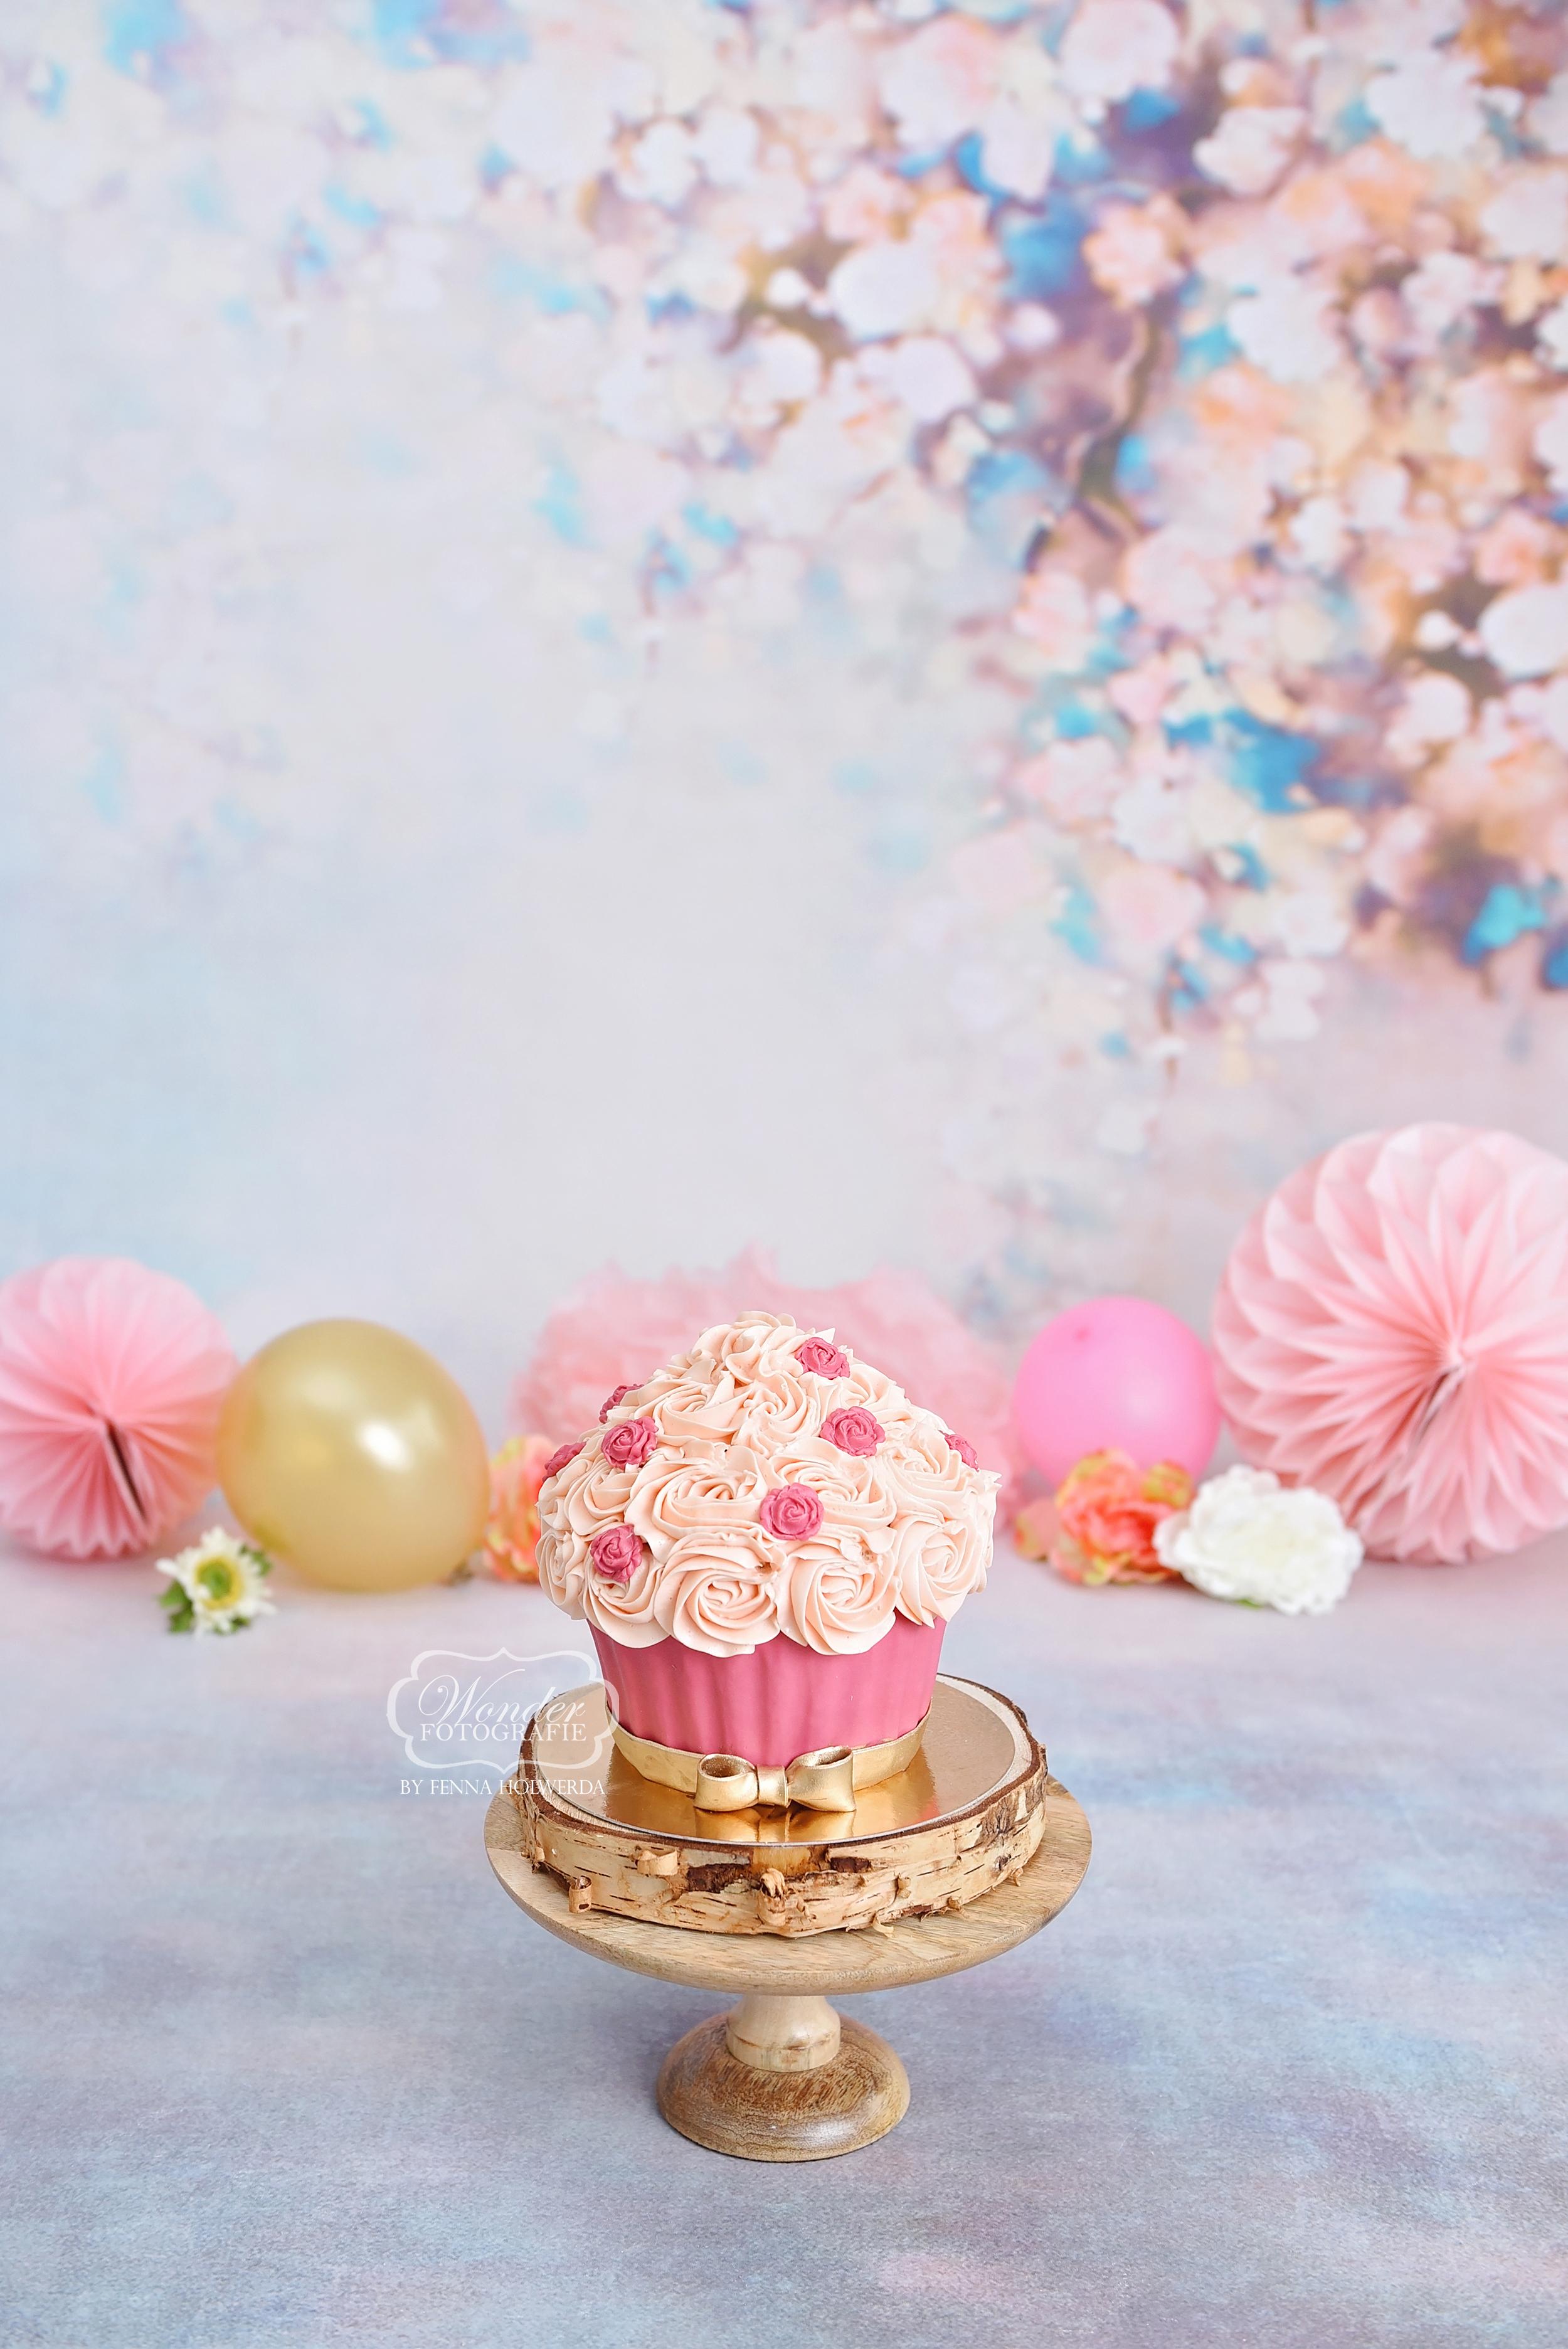 Cake Smash Fotoshoot cupcake bloesem vin